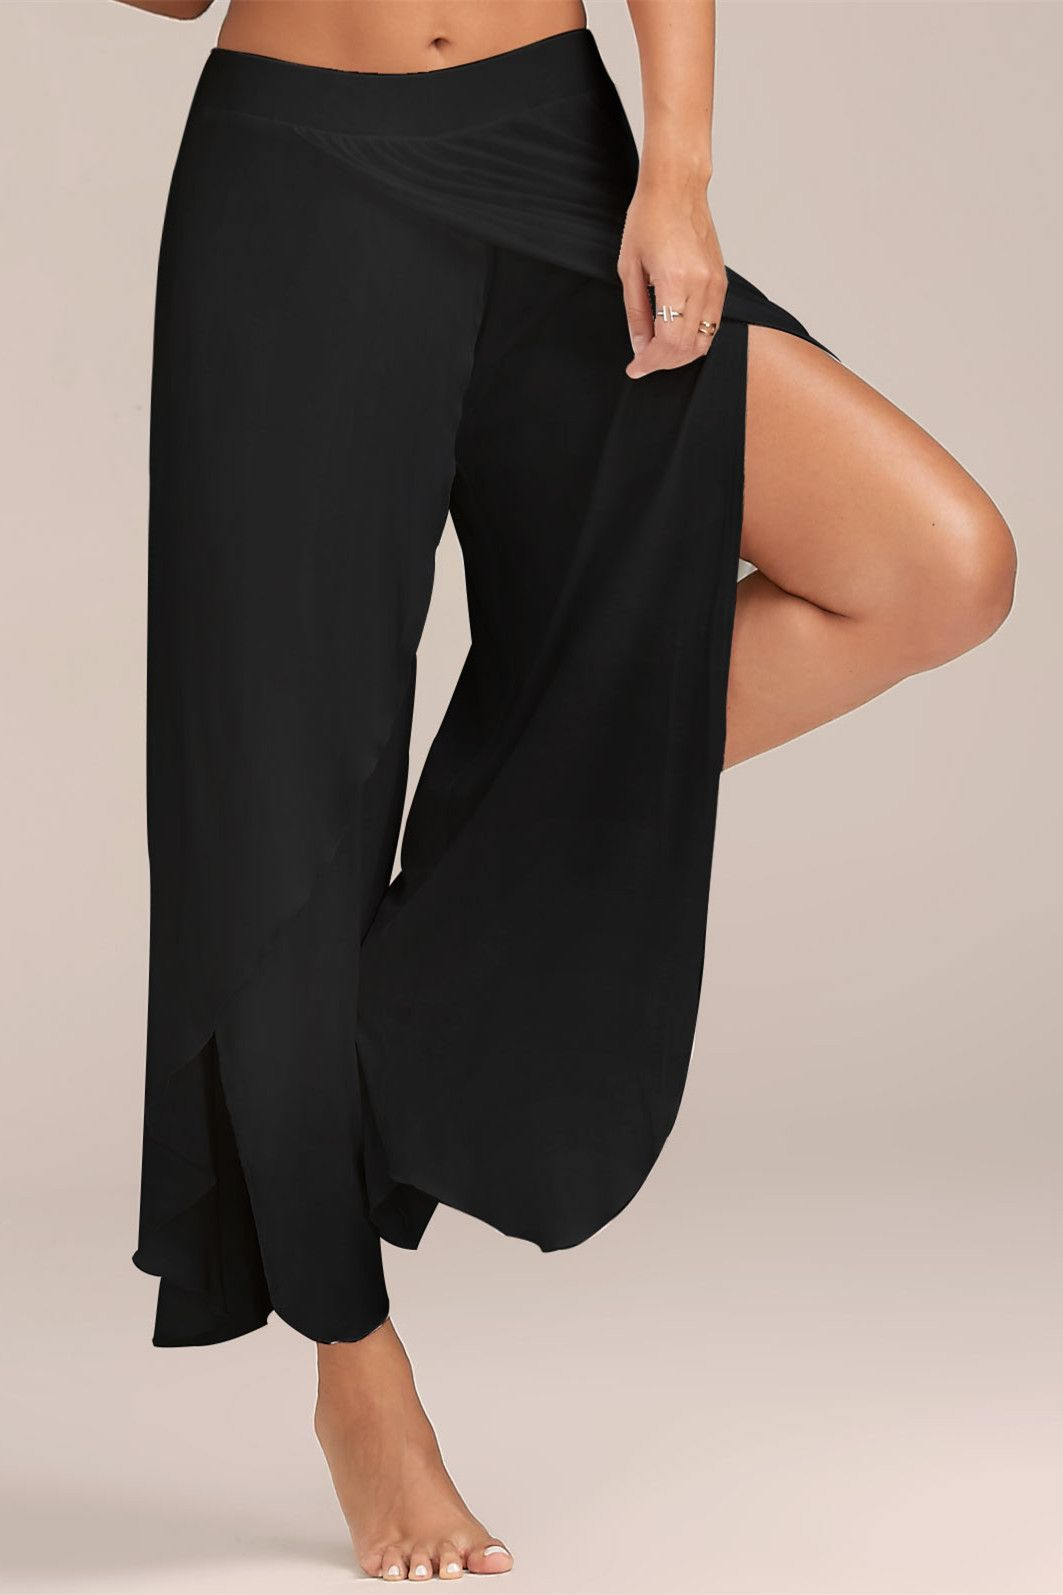 Harem Yoga Pantalon de bikini taille haute femme Pantalon de bain ¨¤ la mode (Wine Red, L)